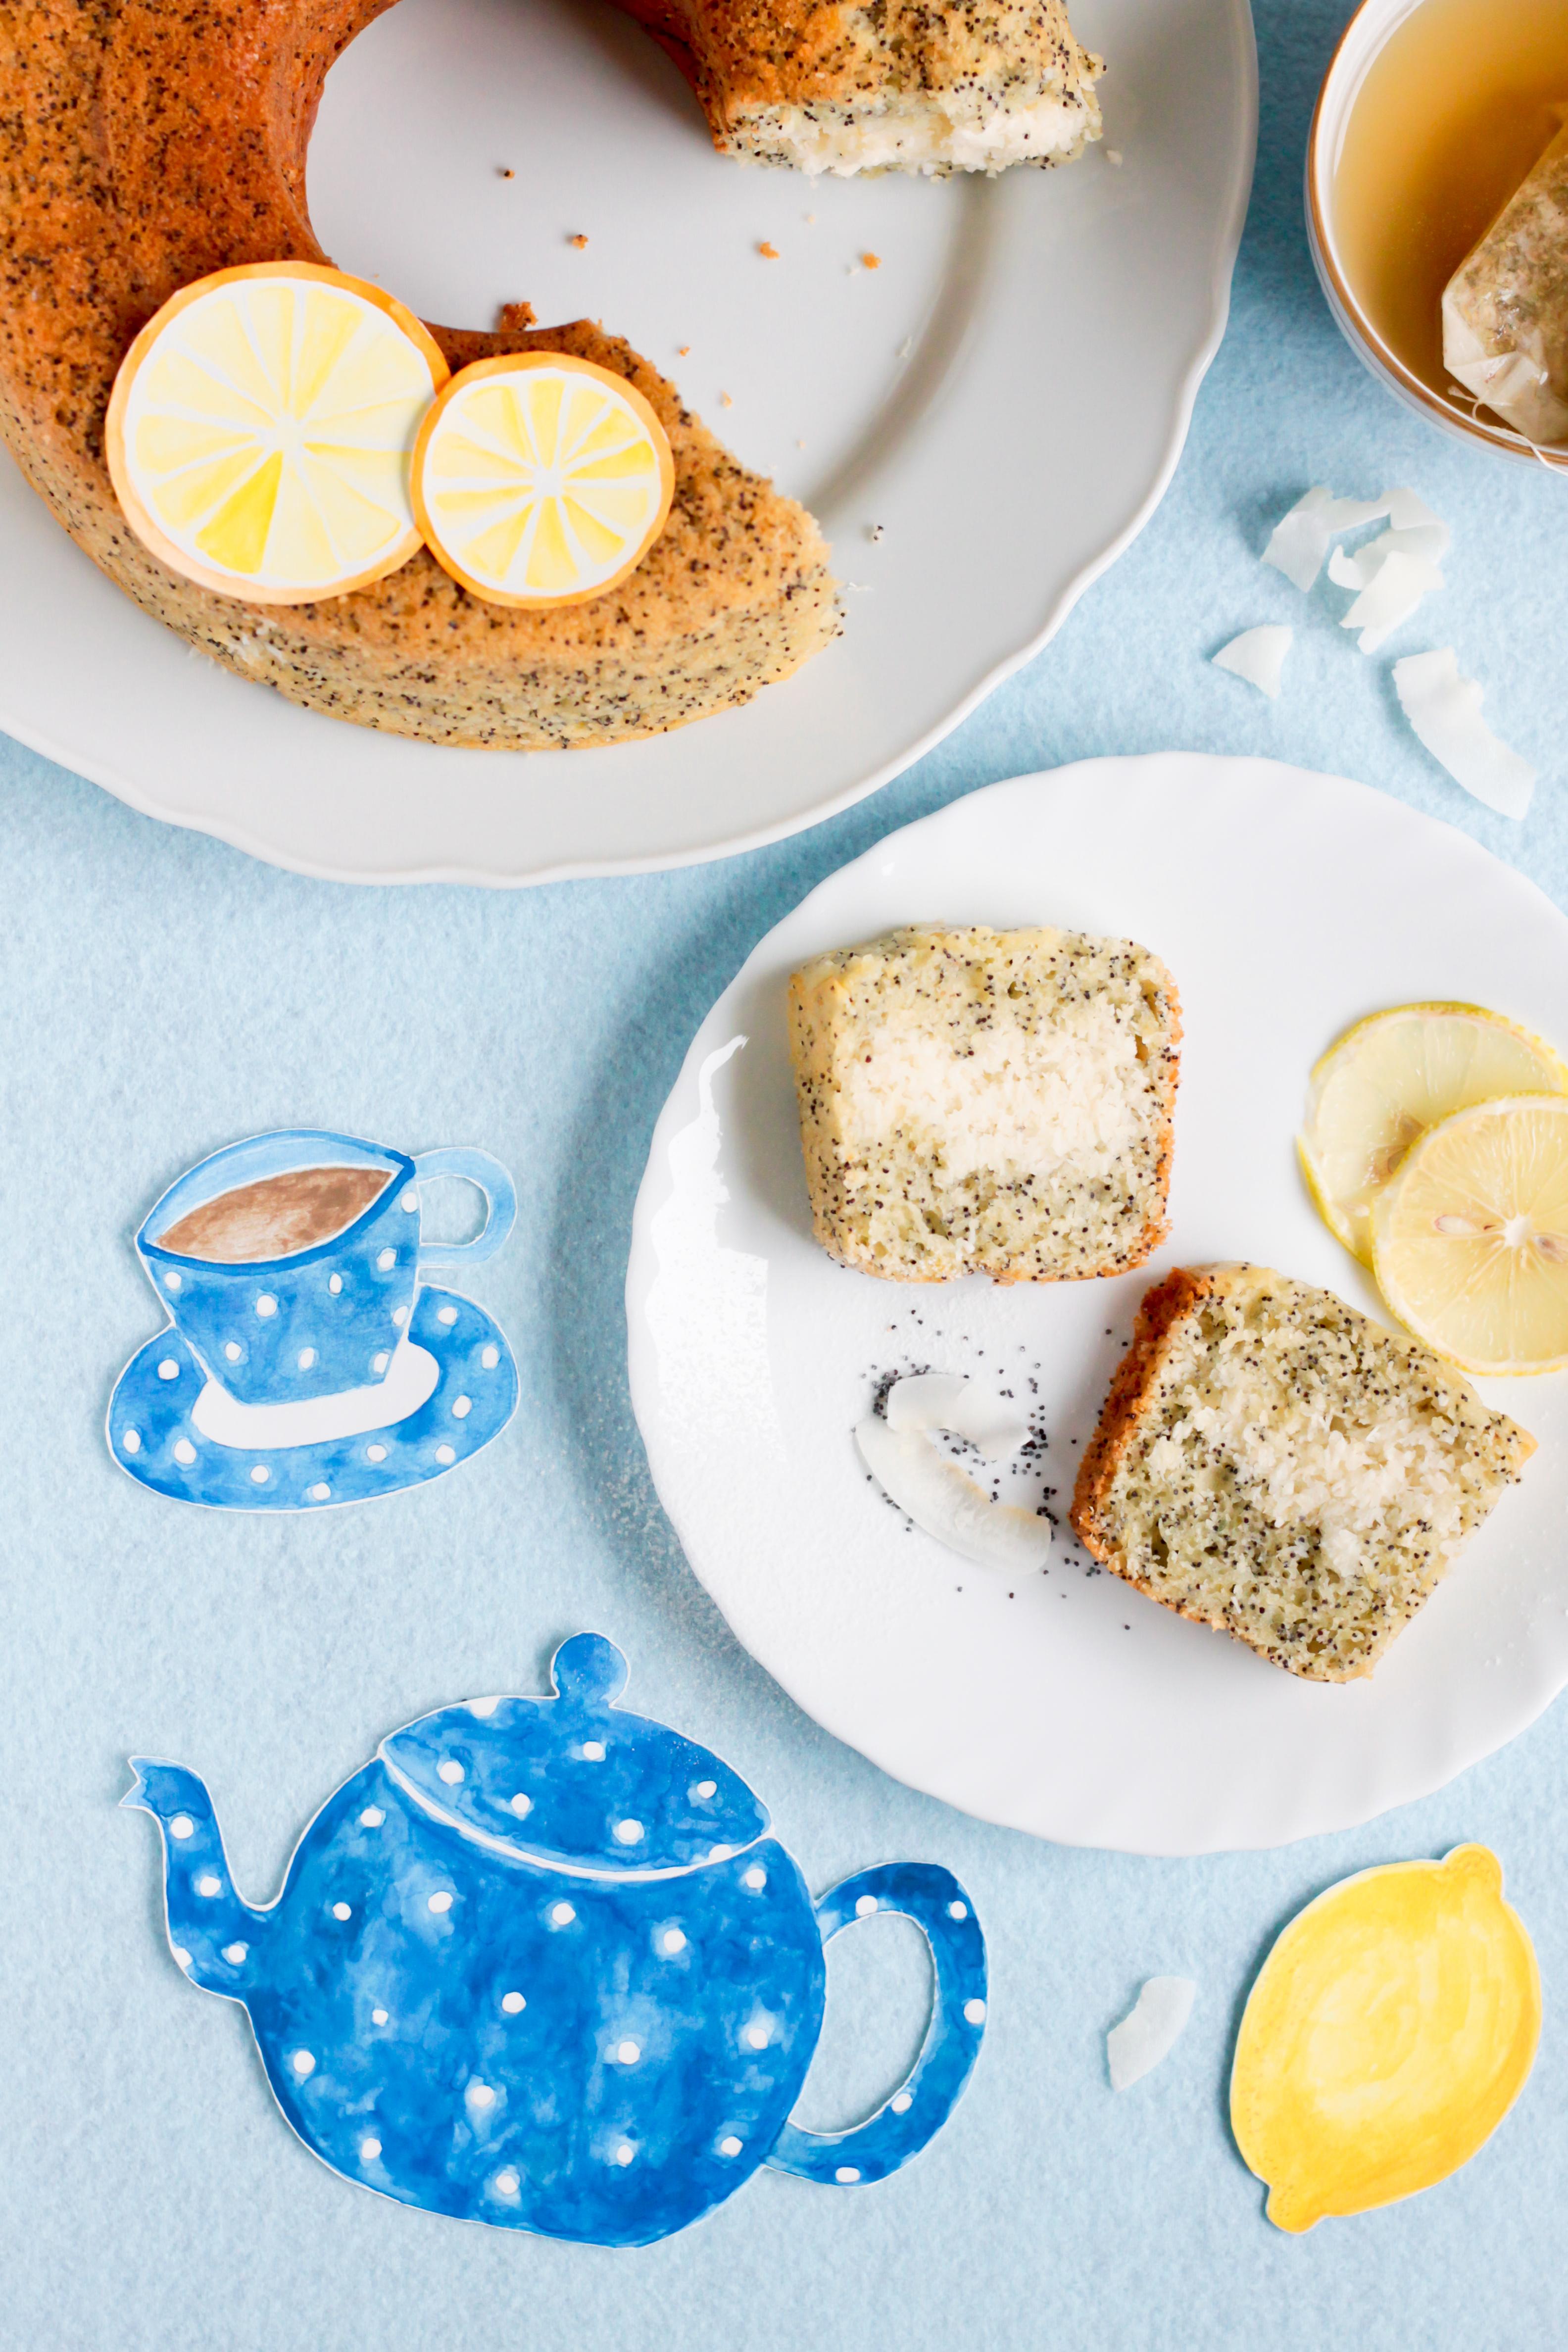 torta limone e semi di papavero, con ripieno al cocco